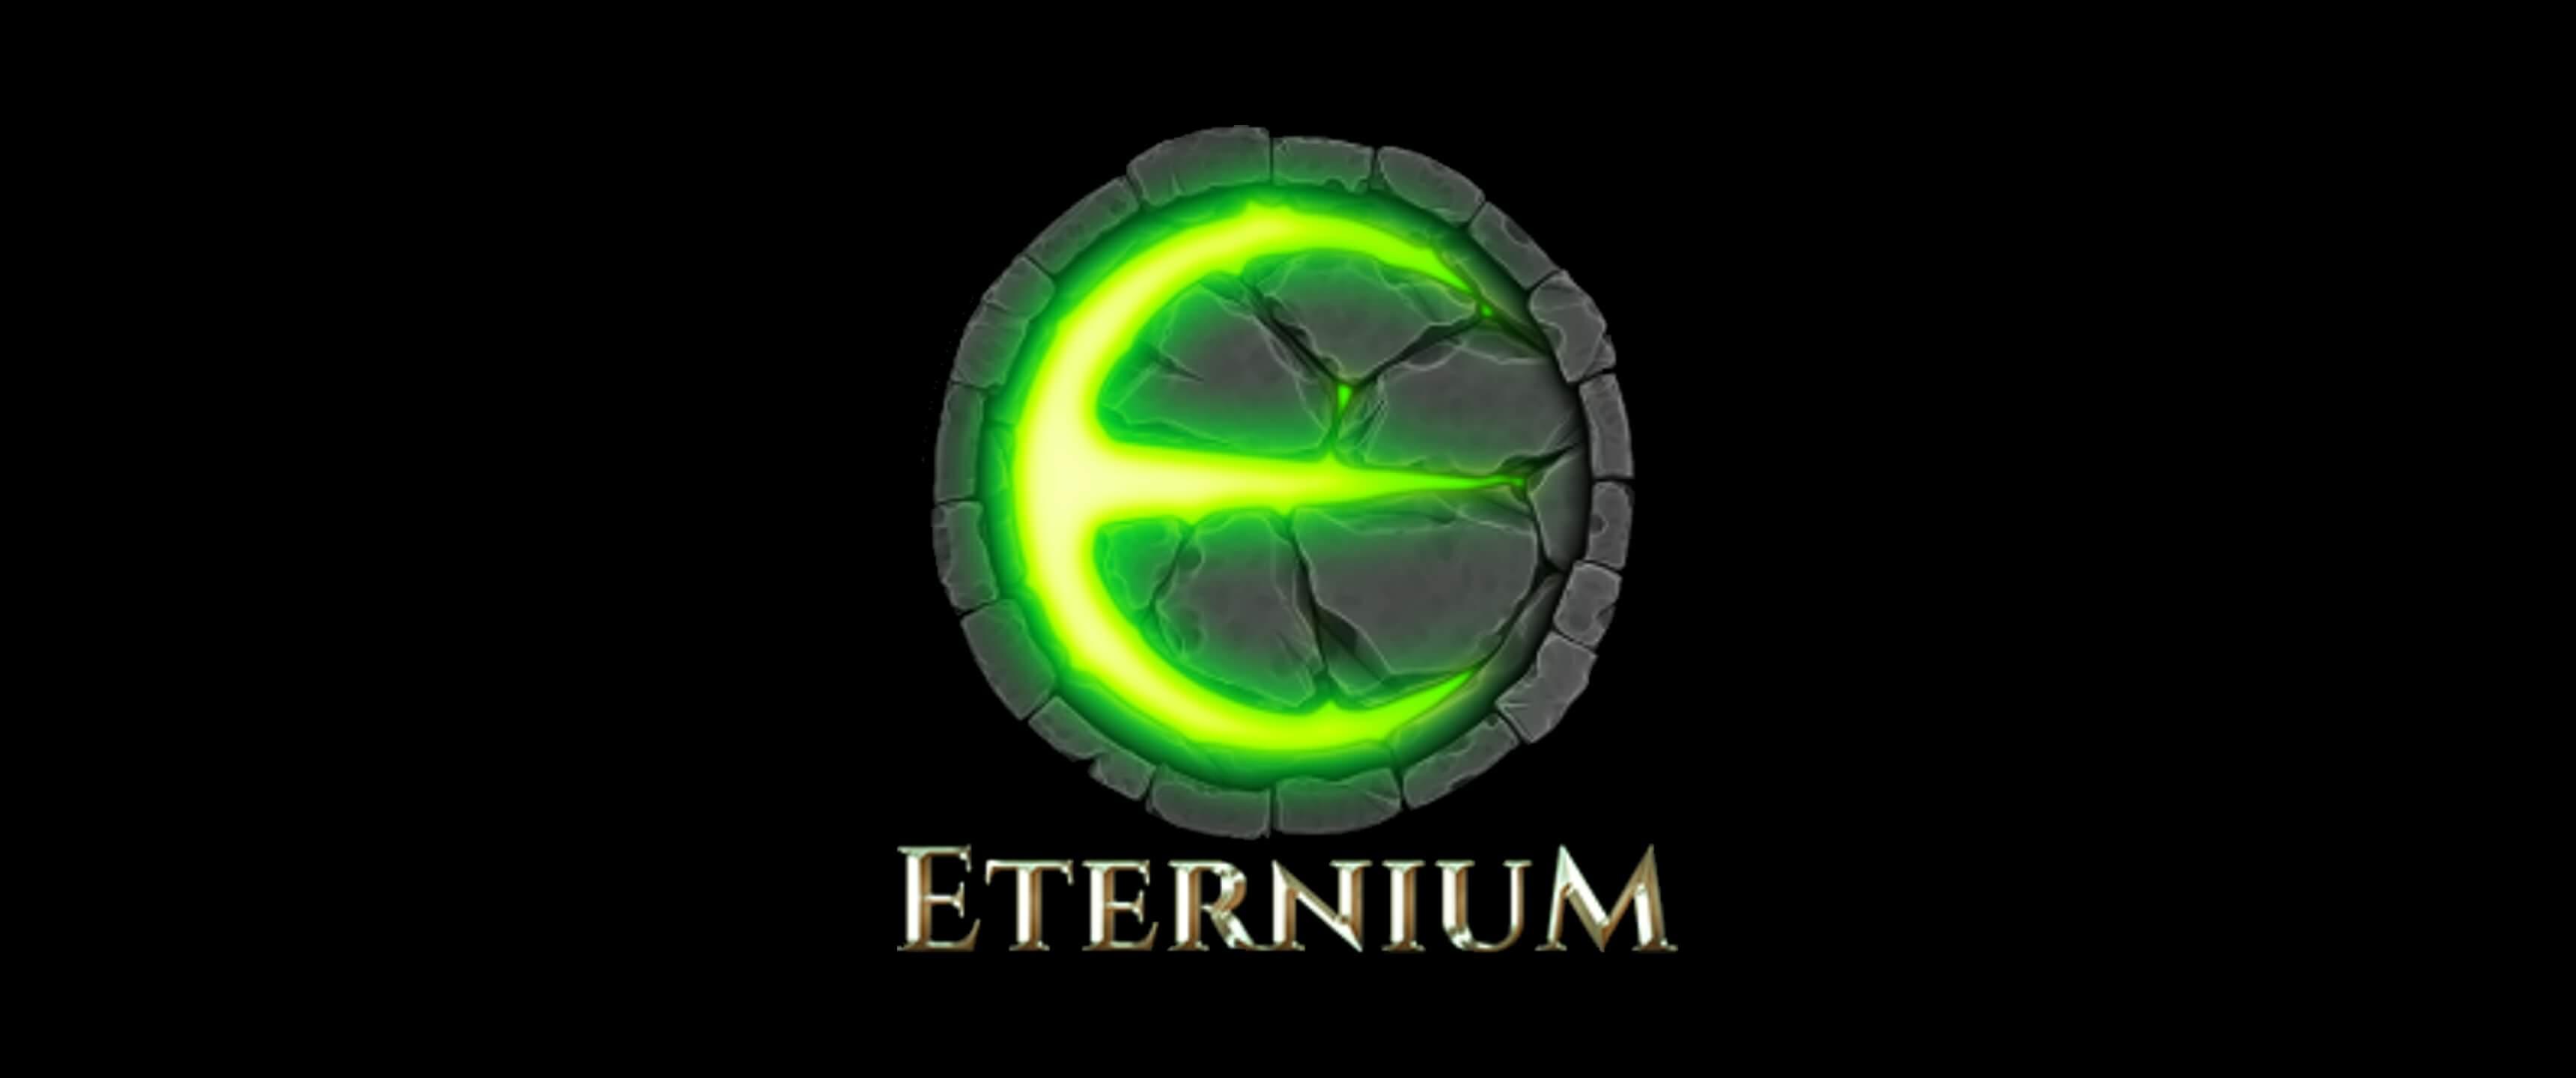 Eternium - Game Android Terbaik Tanpa Memerlukan Koneksi Internet